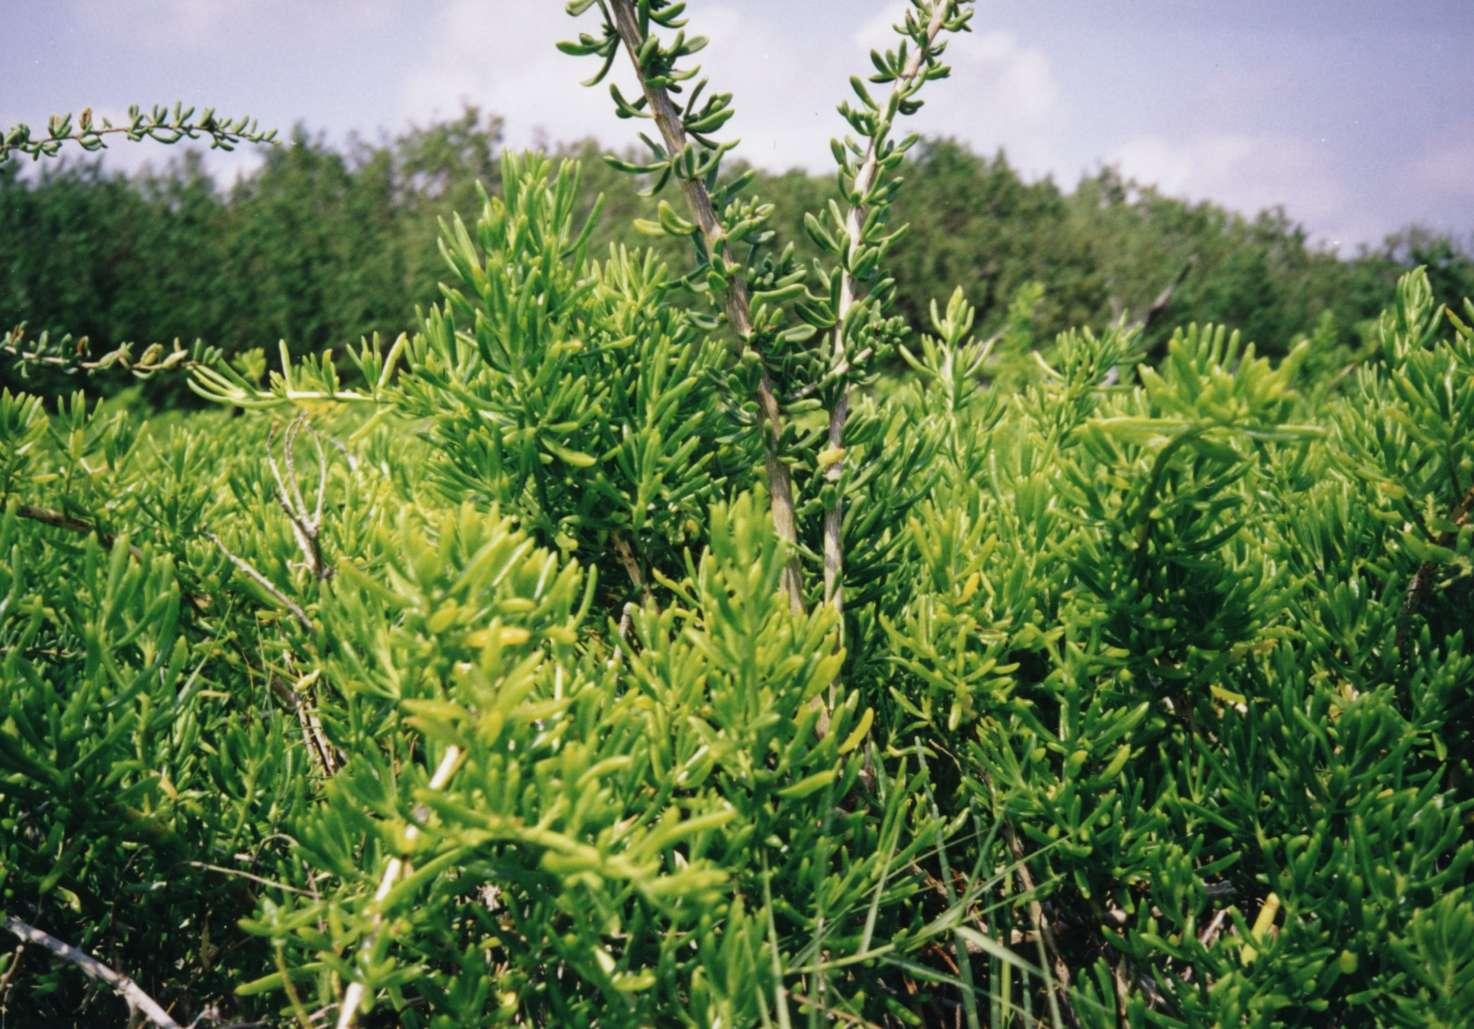 File:Everglades salt marsh plant.jpg